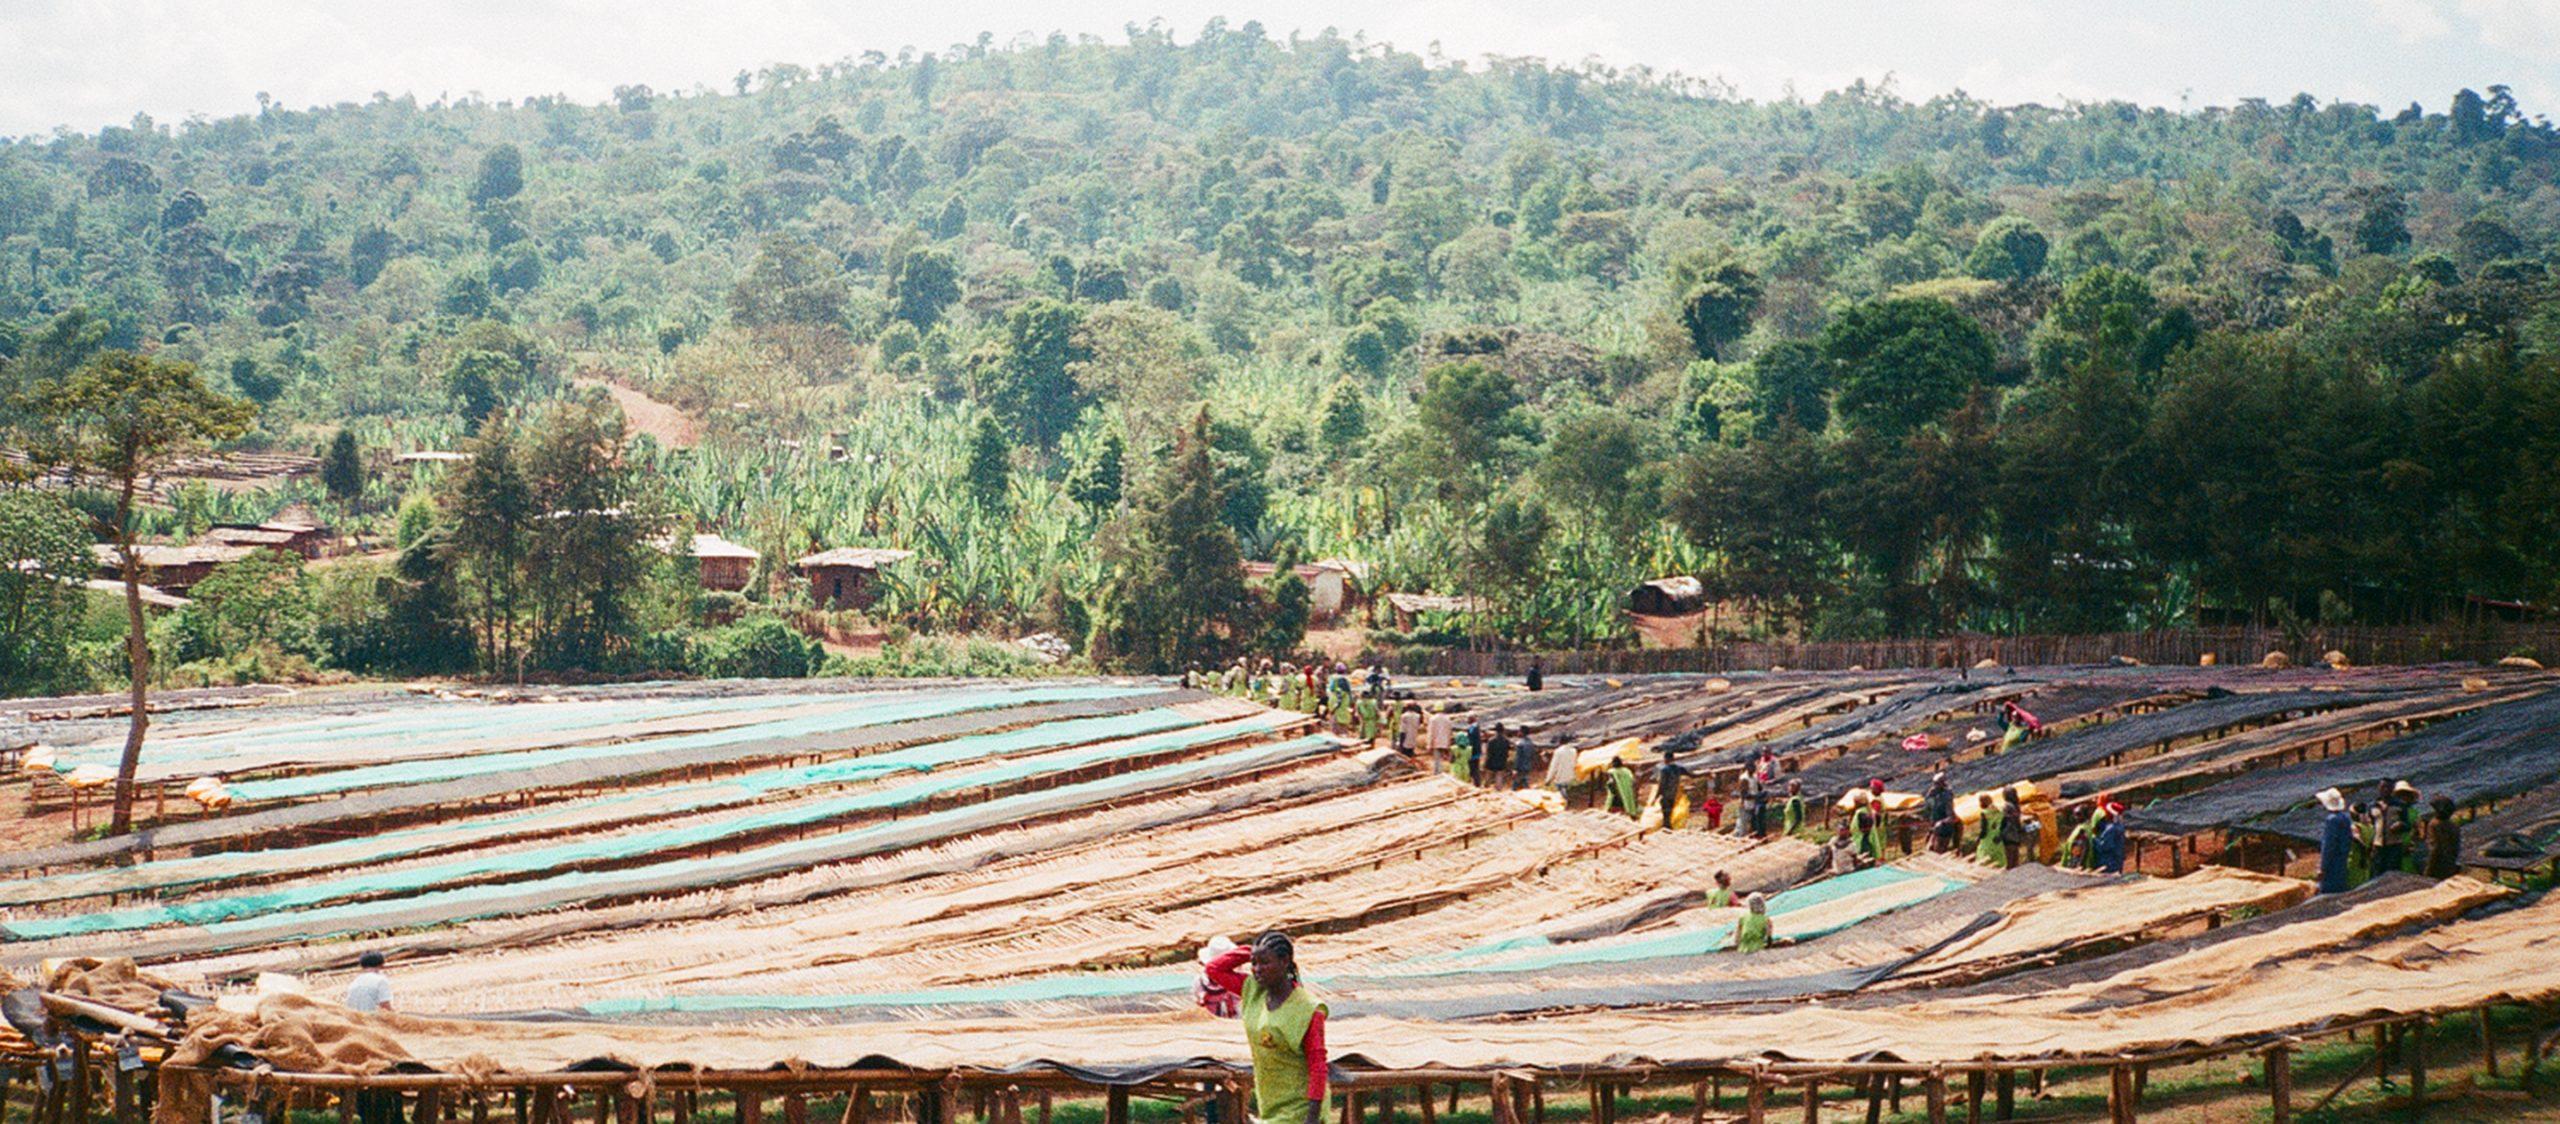 ลัดเลาะแหล่งกำเนิดผลไม้ปีศาจ 'เอธิโอเปีย' เมืองสวรรค์ของคอกาแฟ